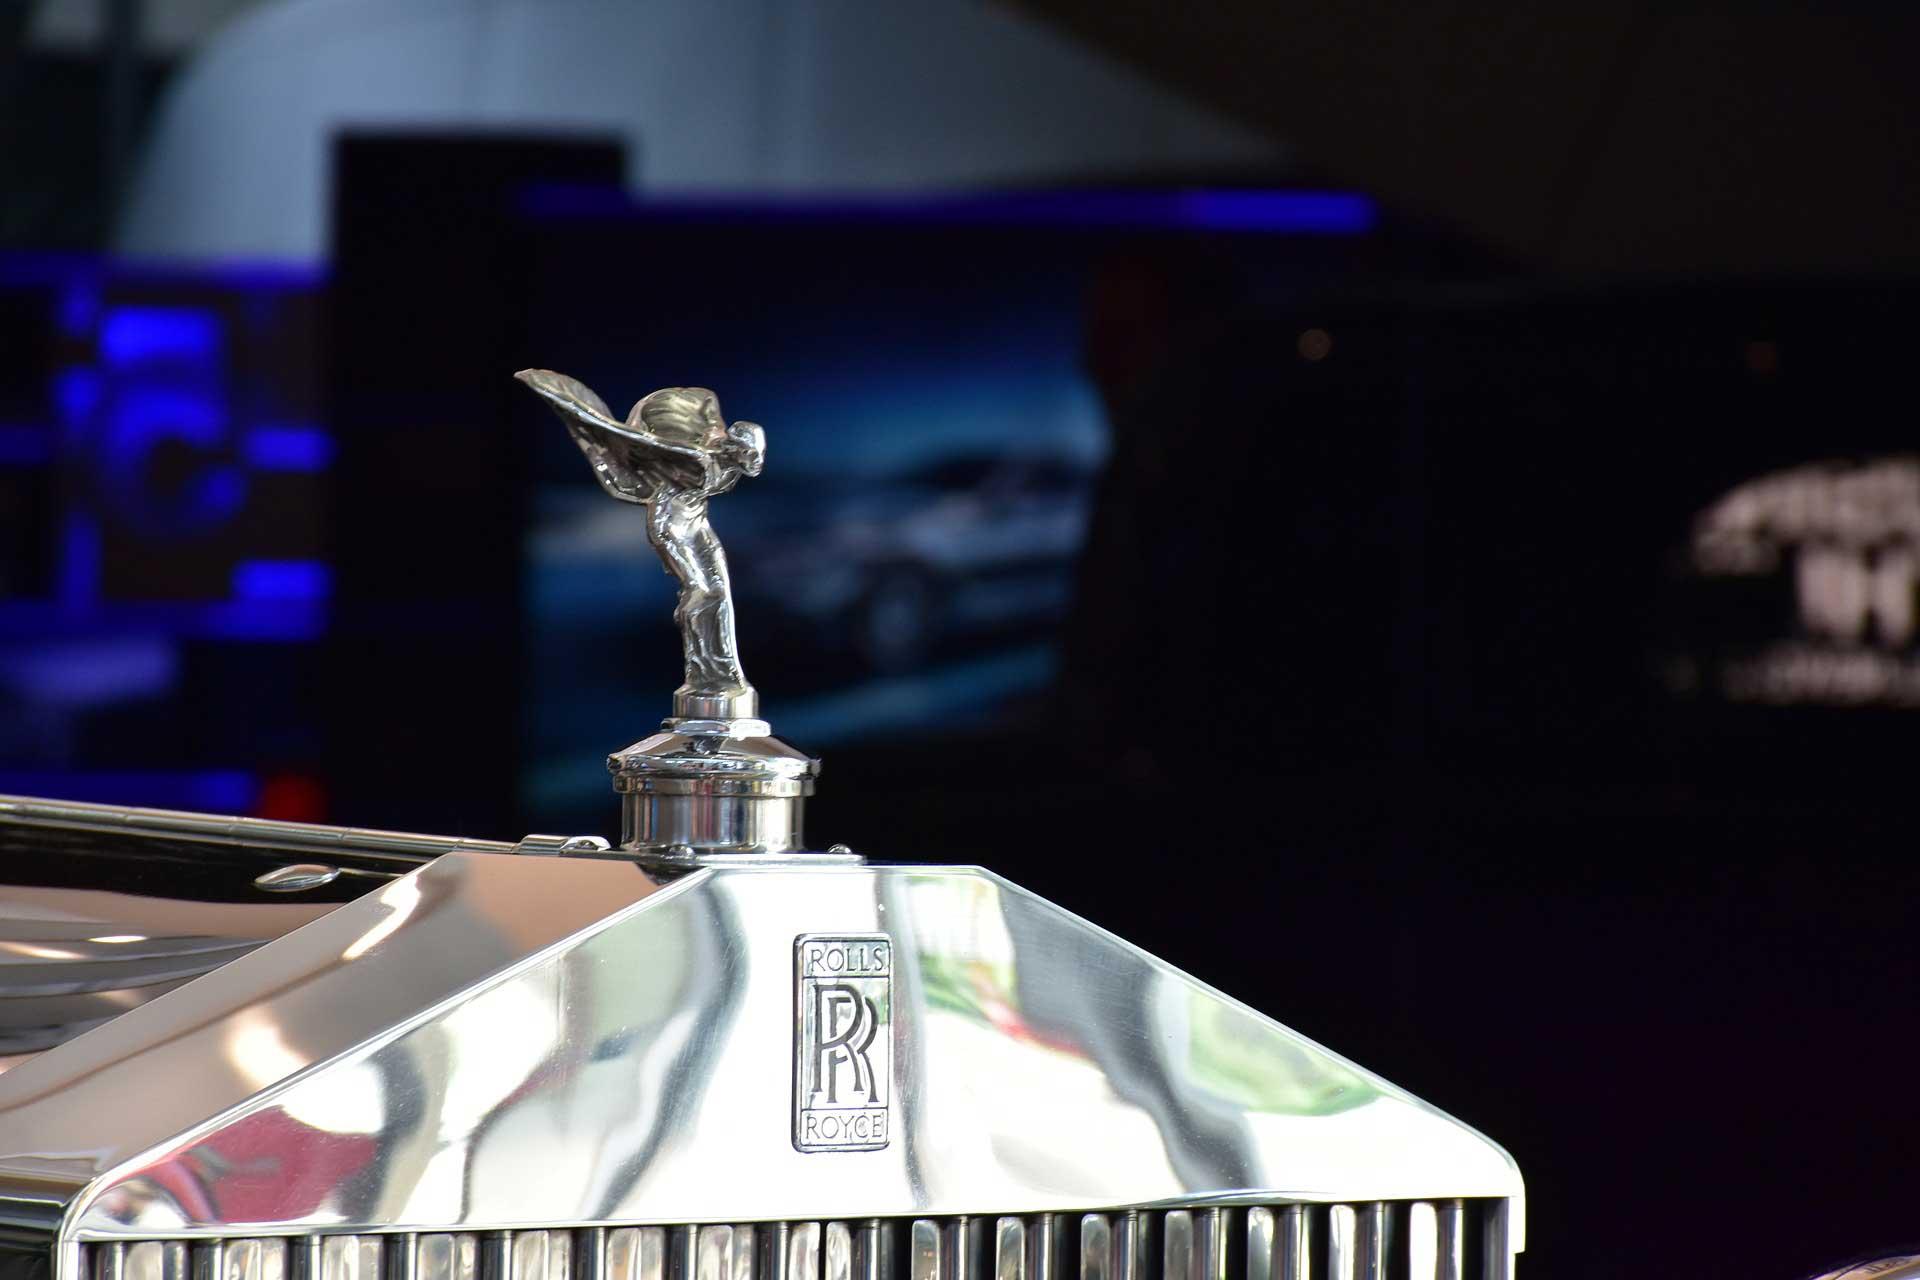 Magie promotionnelle en Suisse pour le lancement d'une limousine à Genève